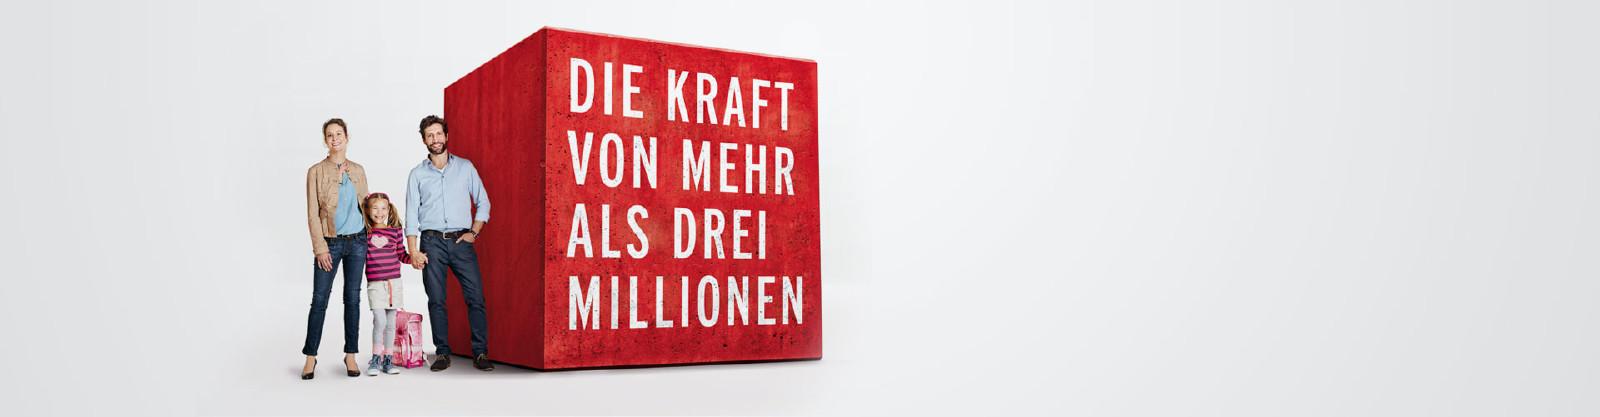 Die Kraft von drei Millionen © E. Steiner, Corporate Matters